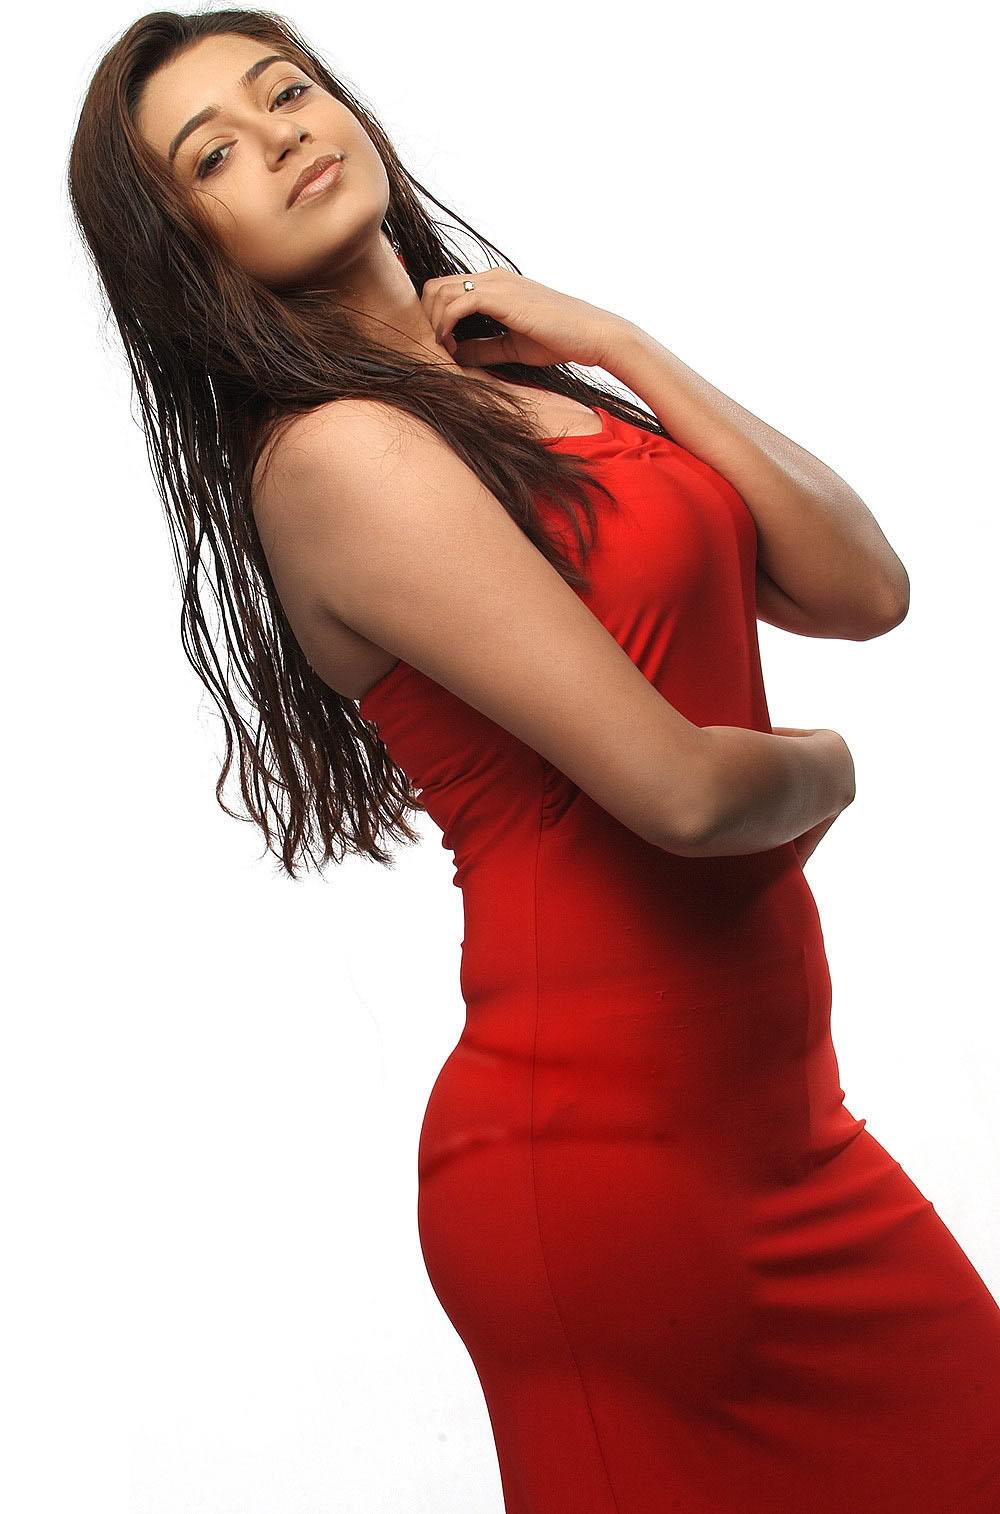 Chaya Singh panty line visible. | Hot image